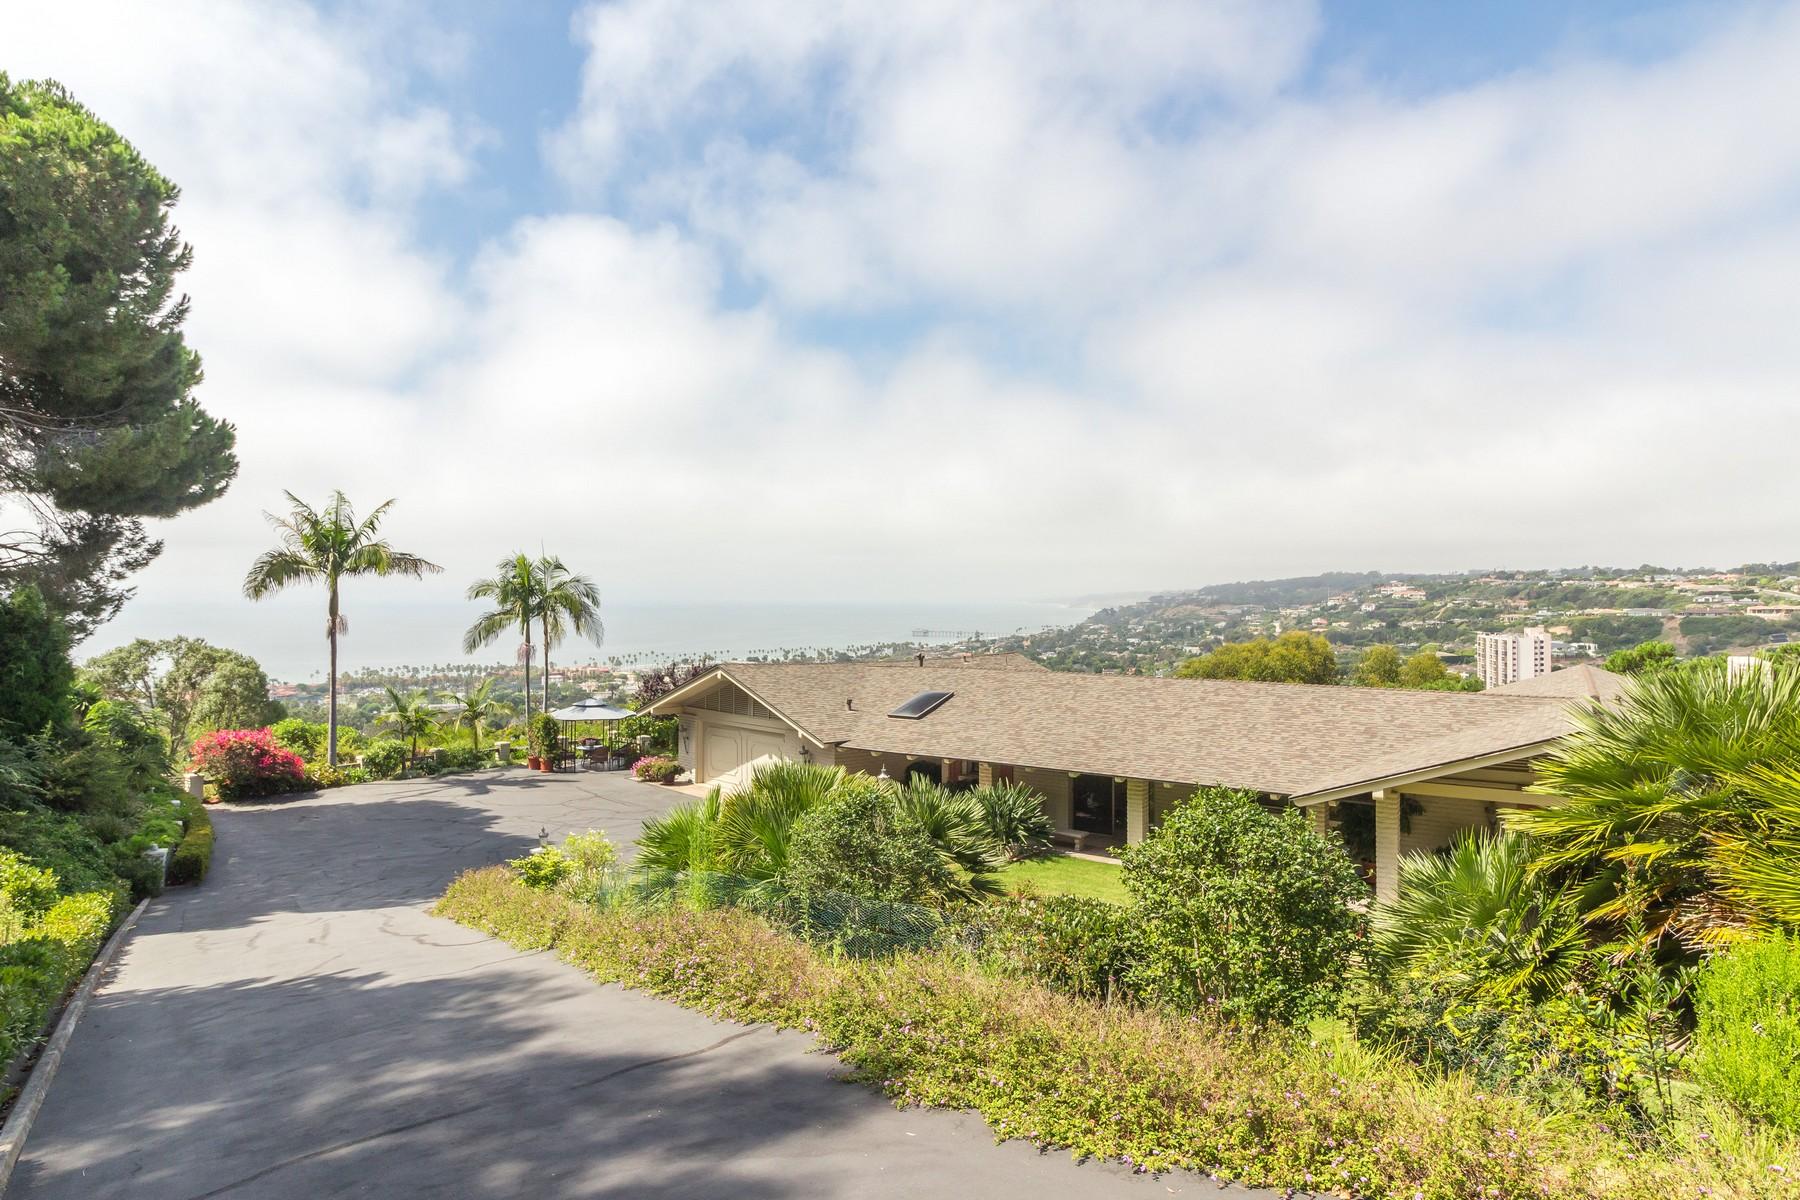 Casa Unifamiliar por un Venta en 2550 Via Barletta La Jolla, California, 92037 Estados Unidos